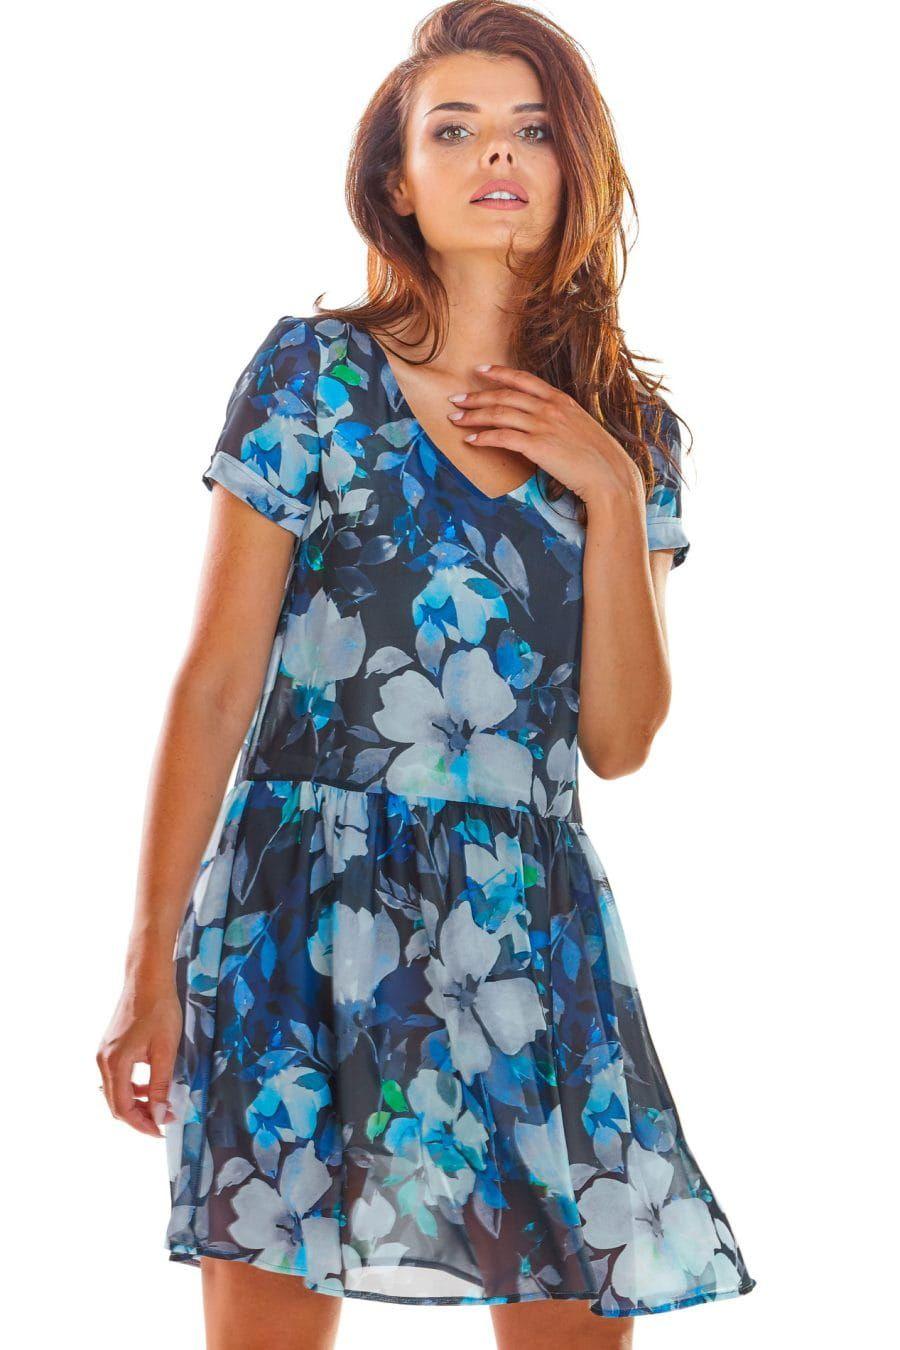 Zwiewna Sukienka W Kwiaty Granatowa Aw298 Fashion Casual Dress Dresses